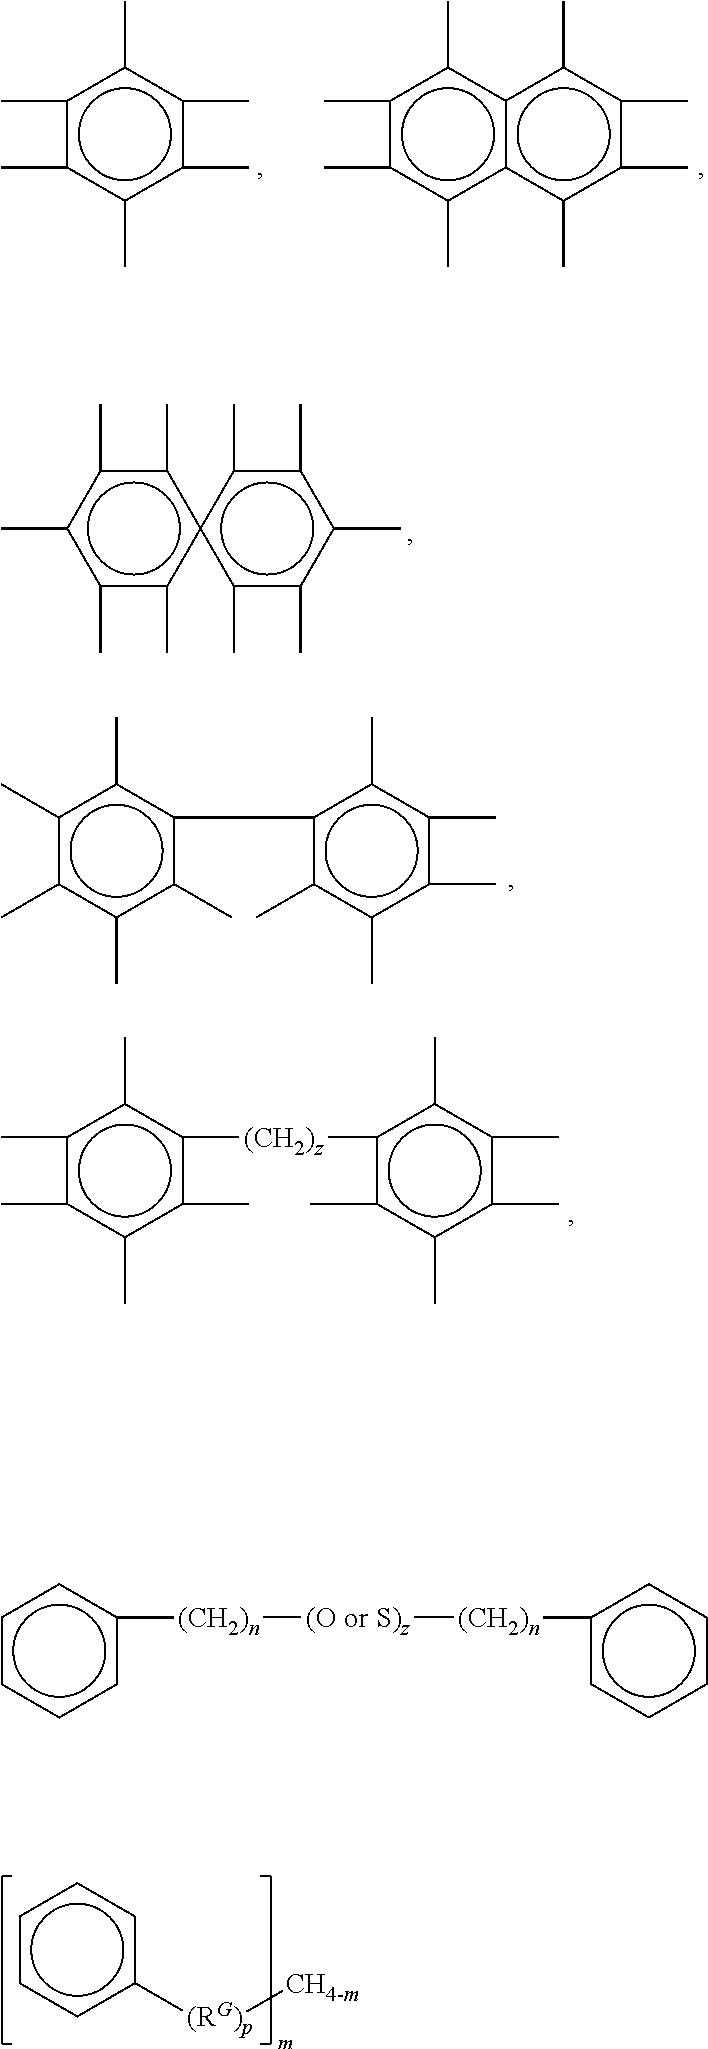 Figure US08728999-20140520-C00003